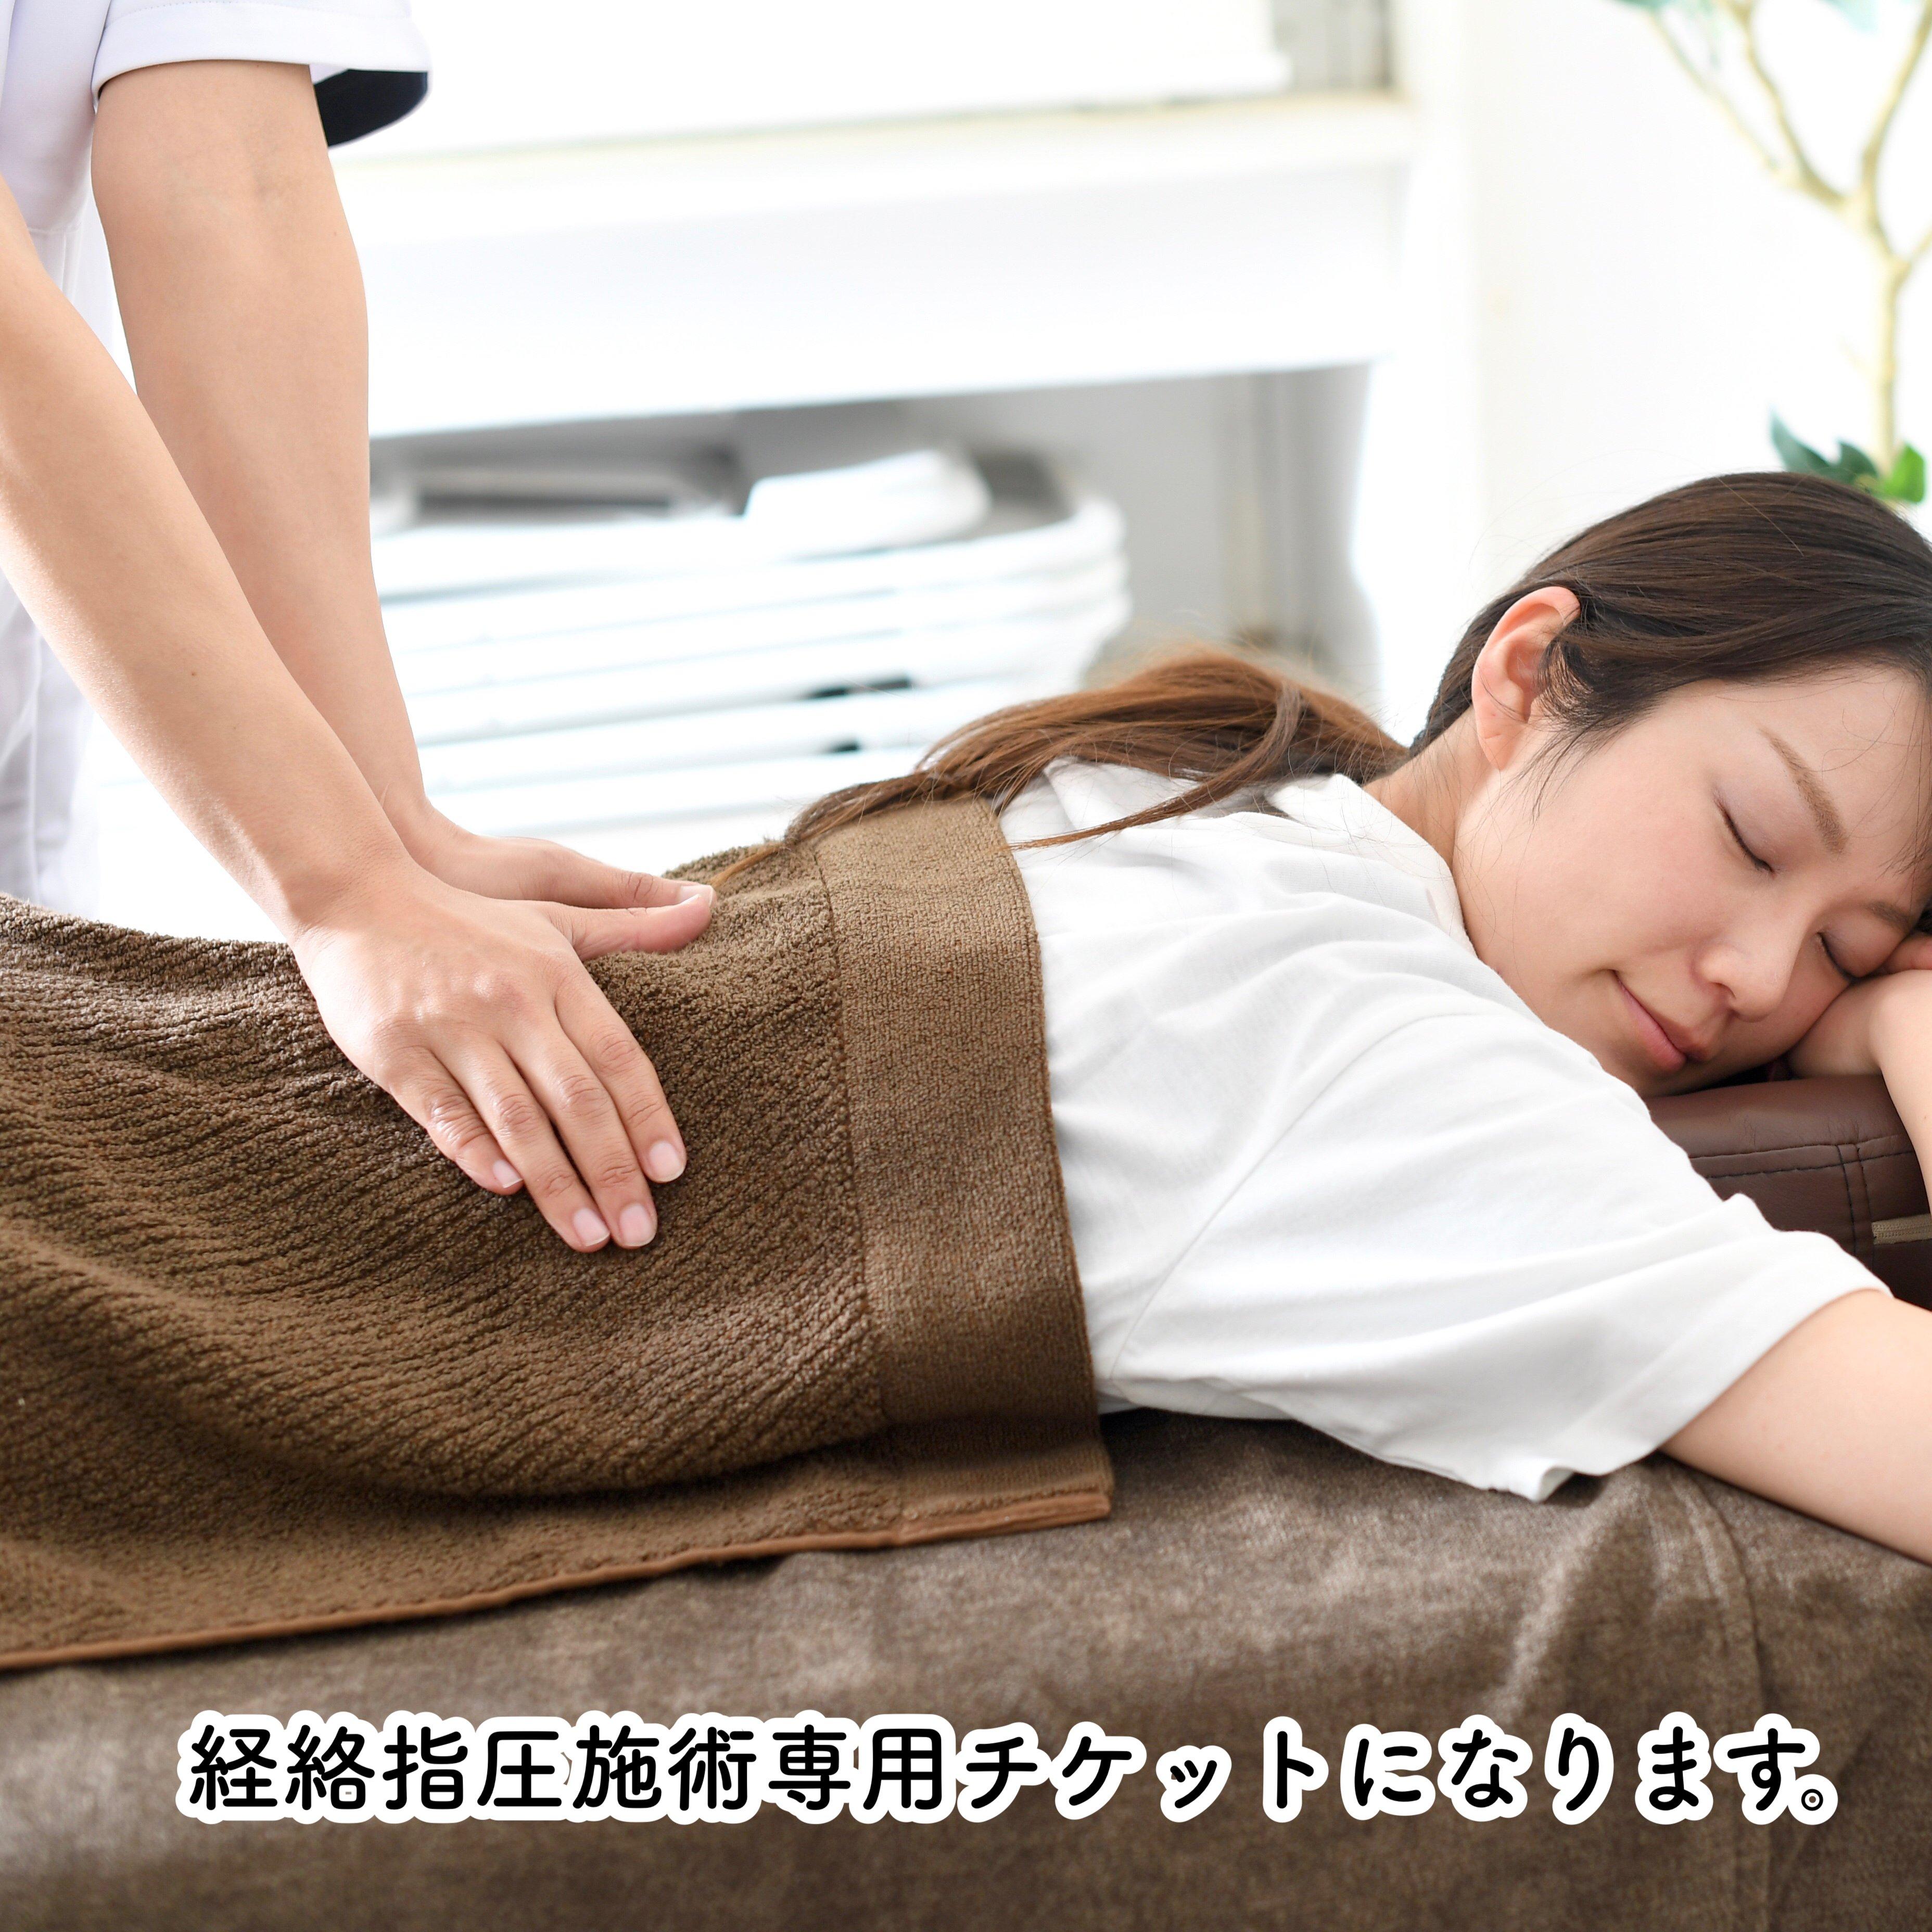 経絡指圧施術チケット3000円のイメージその2